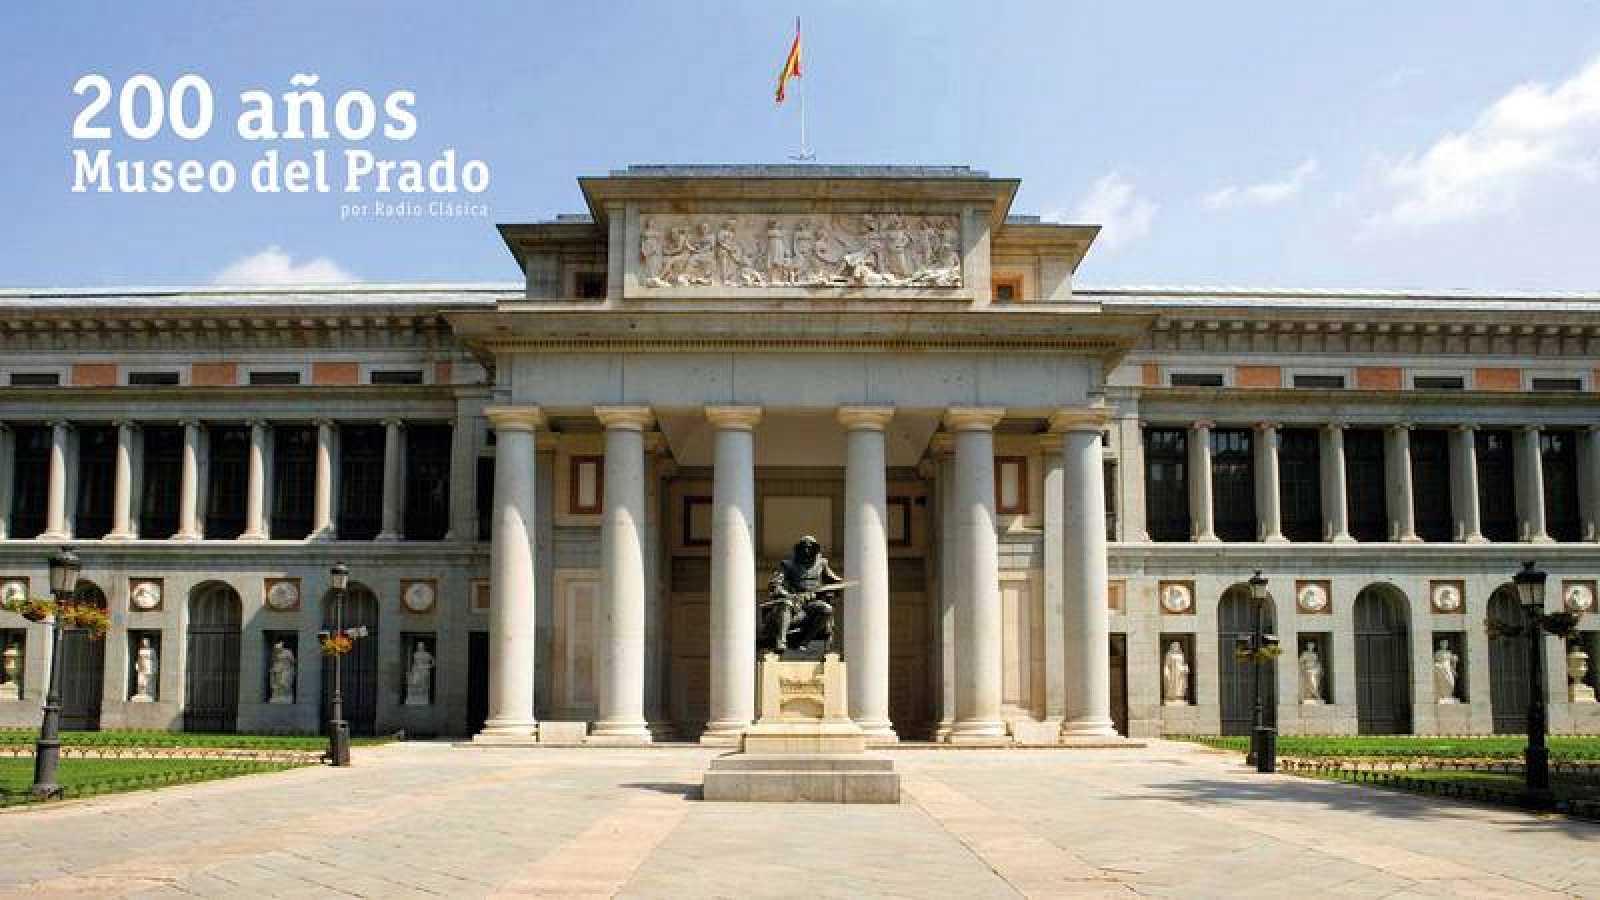 200 años Museo del Prado